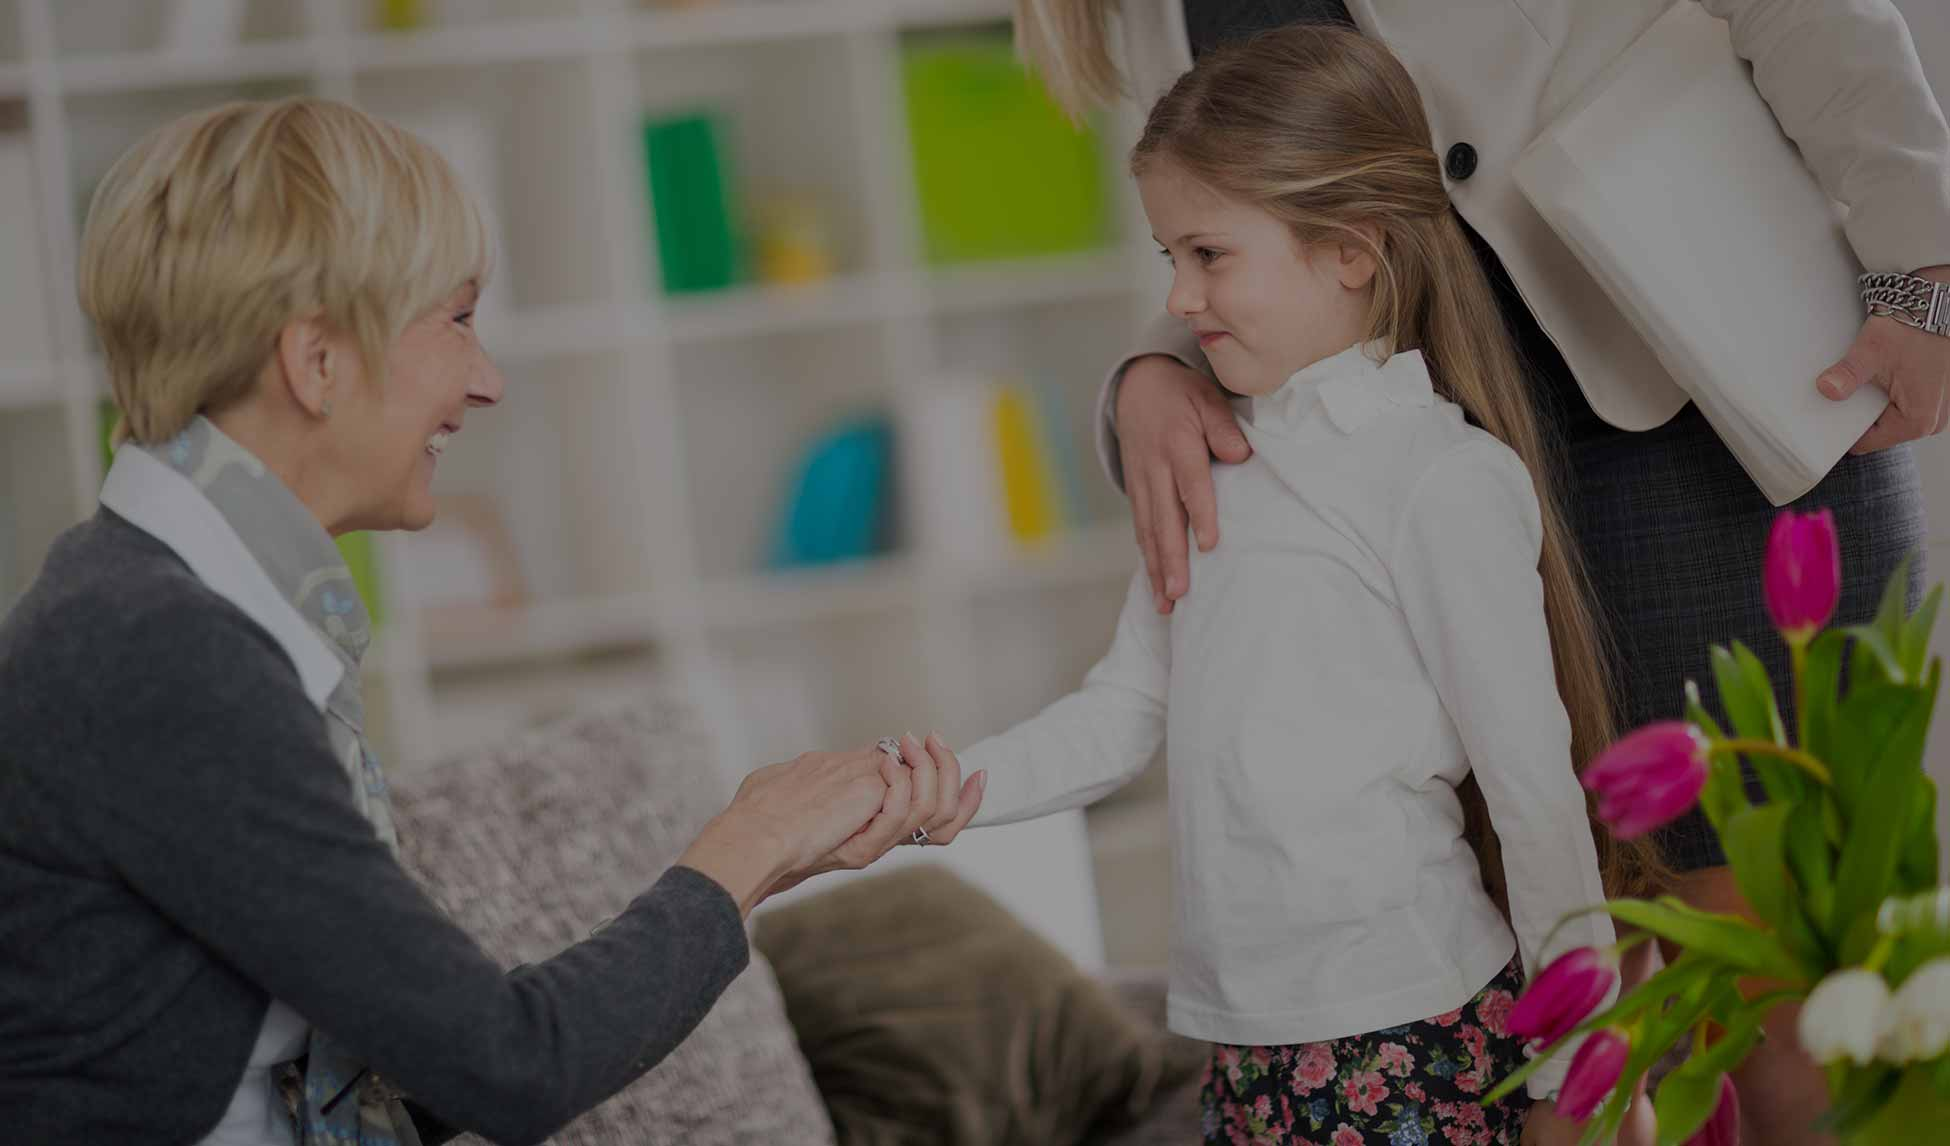 Etiquette Classes for Children Phoenix